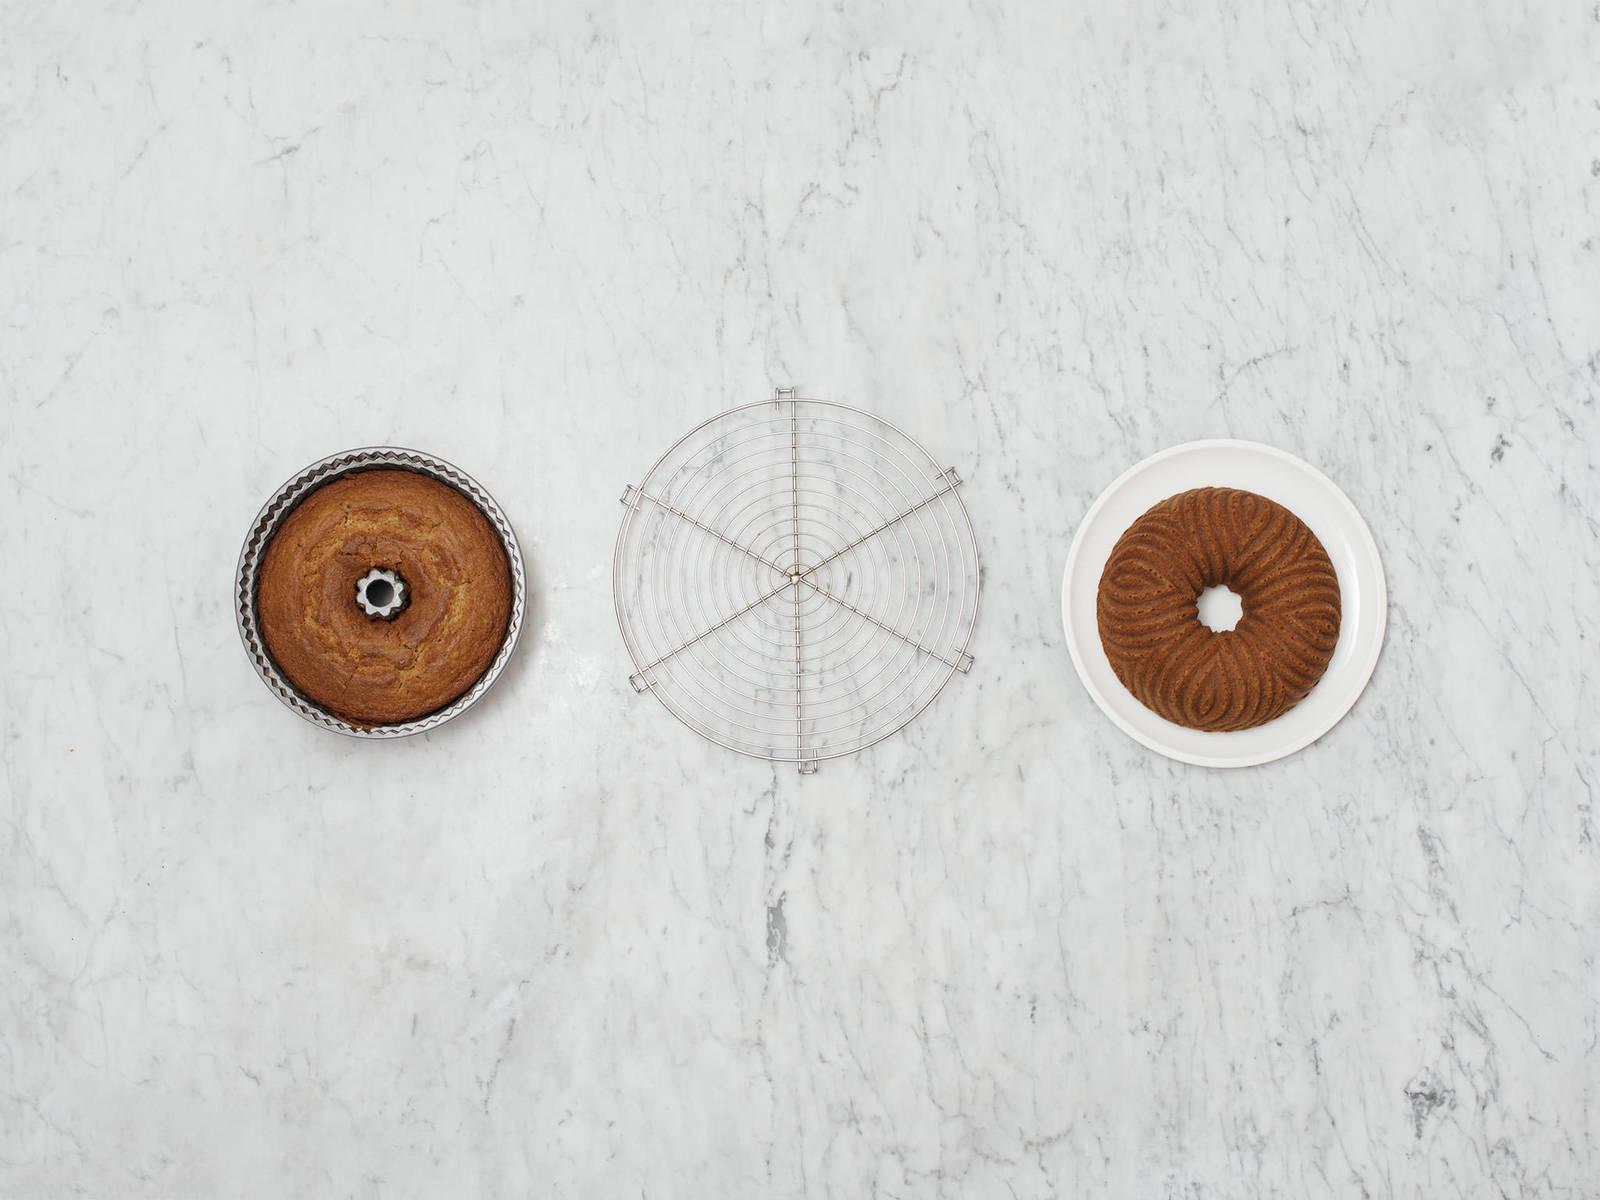 如何将蛋糕从圆环烤盘中取出